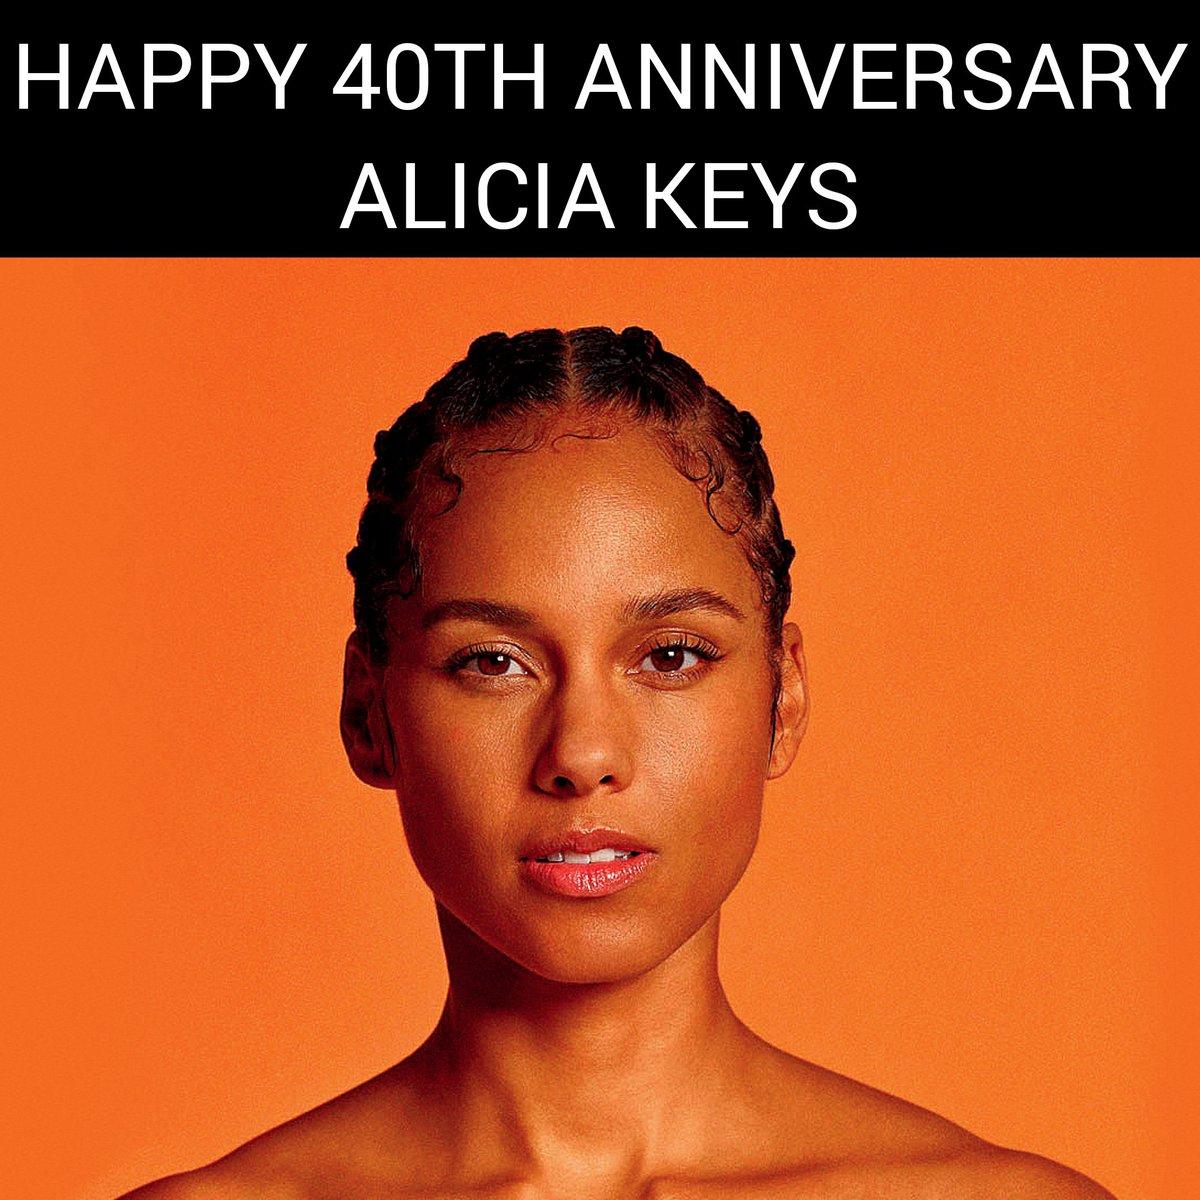 SALUTE FEMALE PIANIST @ALICIAKEYS  #therealyoska #america #english #moveyo #piano #pianist #happybirthday #happy #aliciakeys #alicia